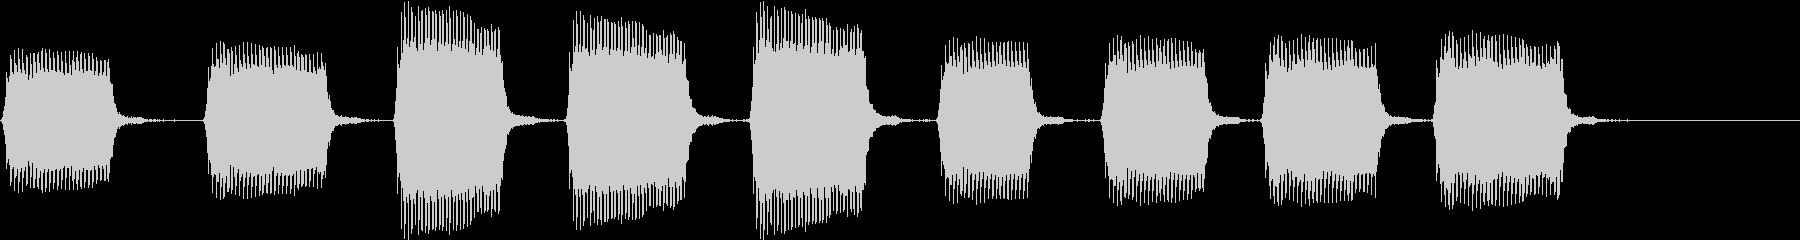 インパクトドライバーでネジを打ち込む音の未再生の波形